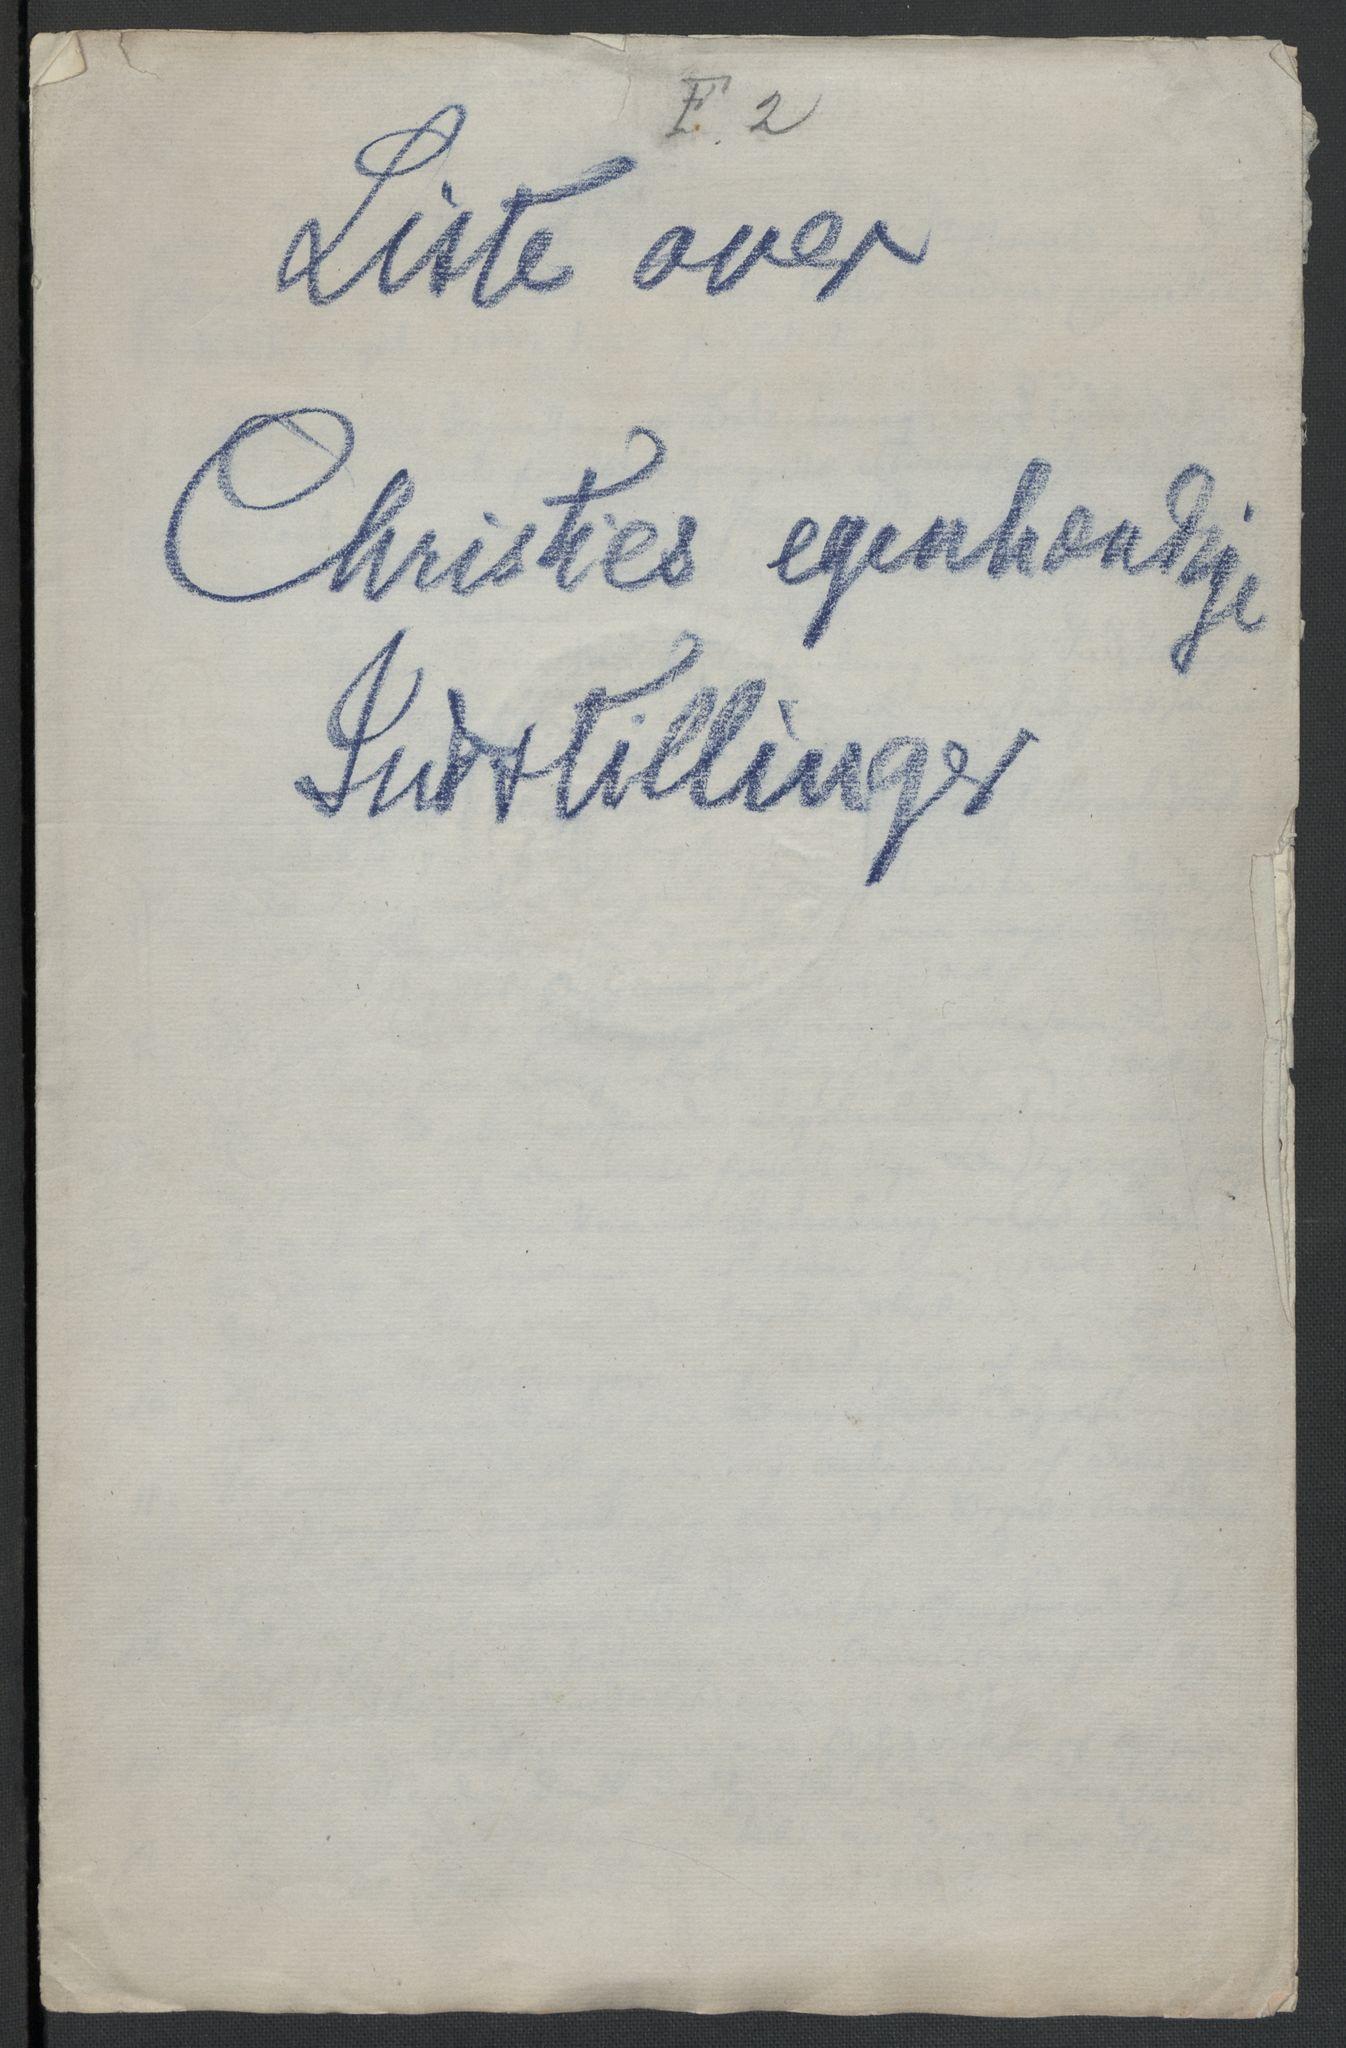 RA, Christie, Wilhelm Frimann Koren, F/L0006, 1817-1818, s. 252